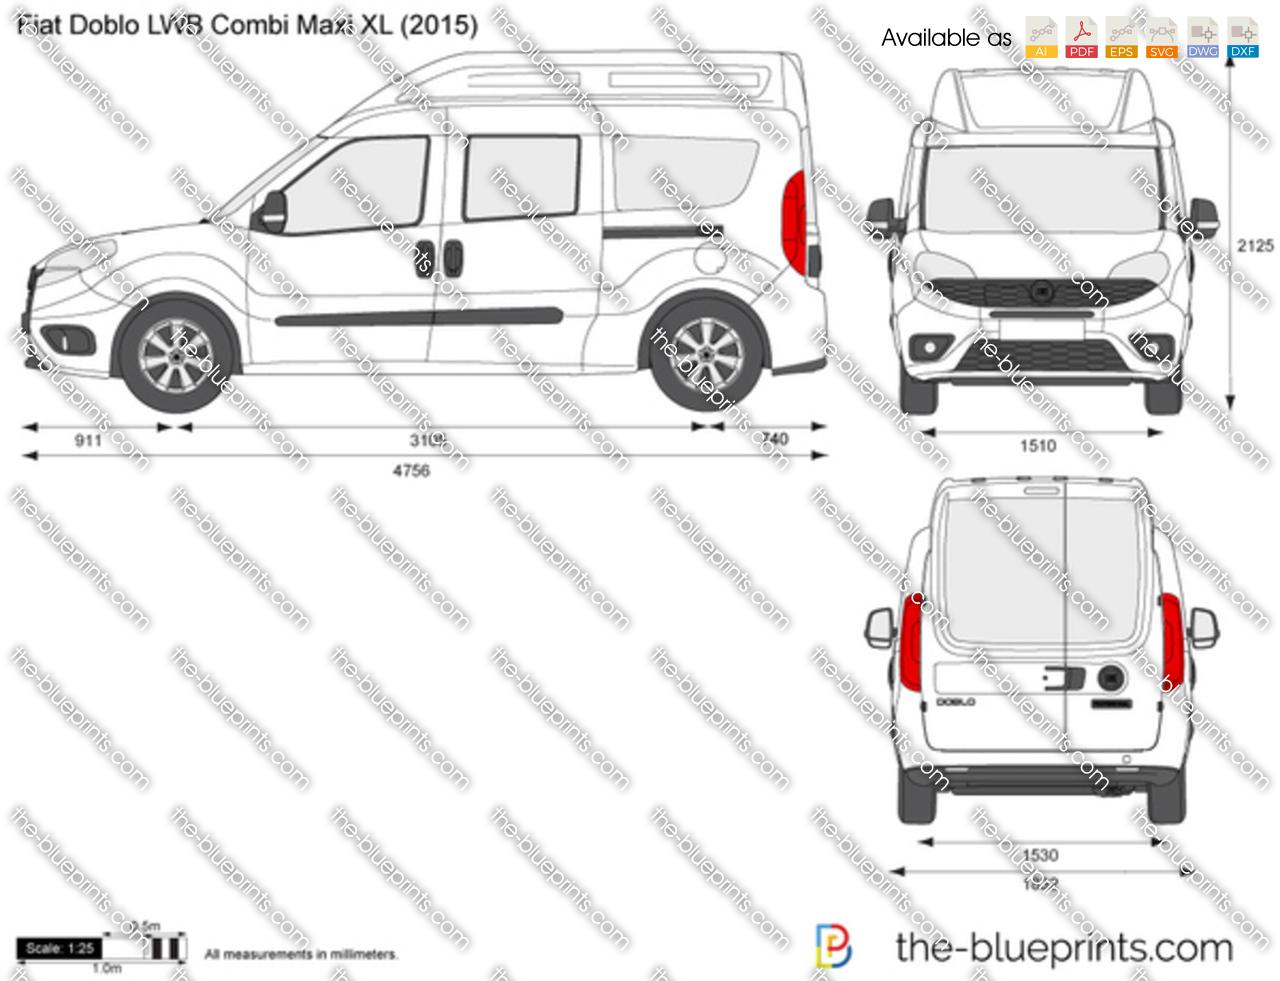 the-blueprints - vector drawing - fiat doblo lwb combi maxi xl